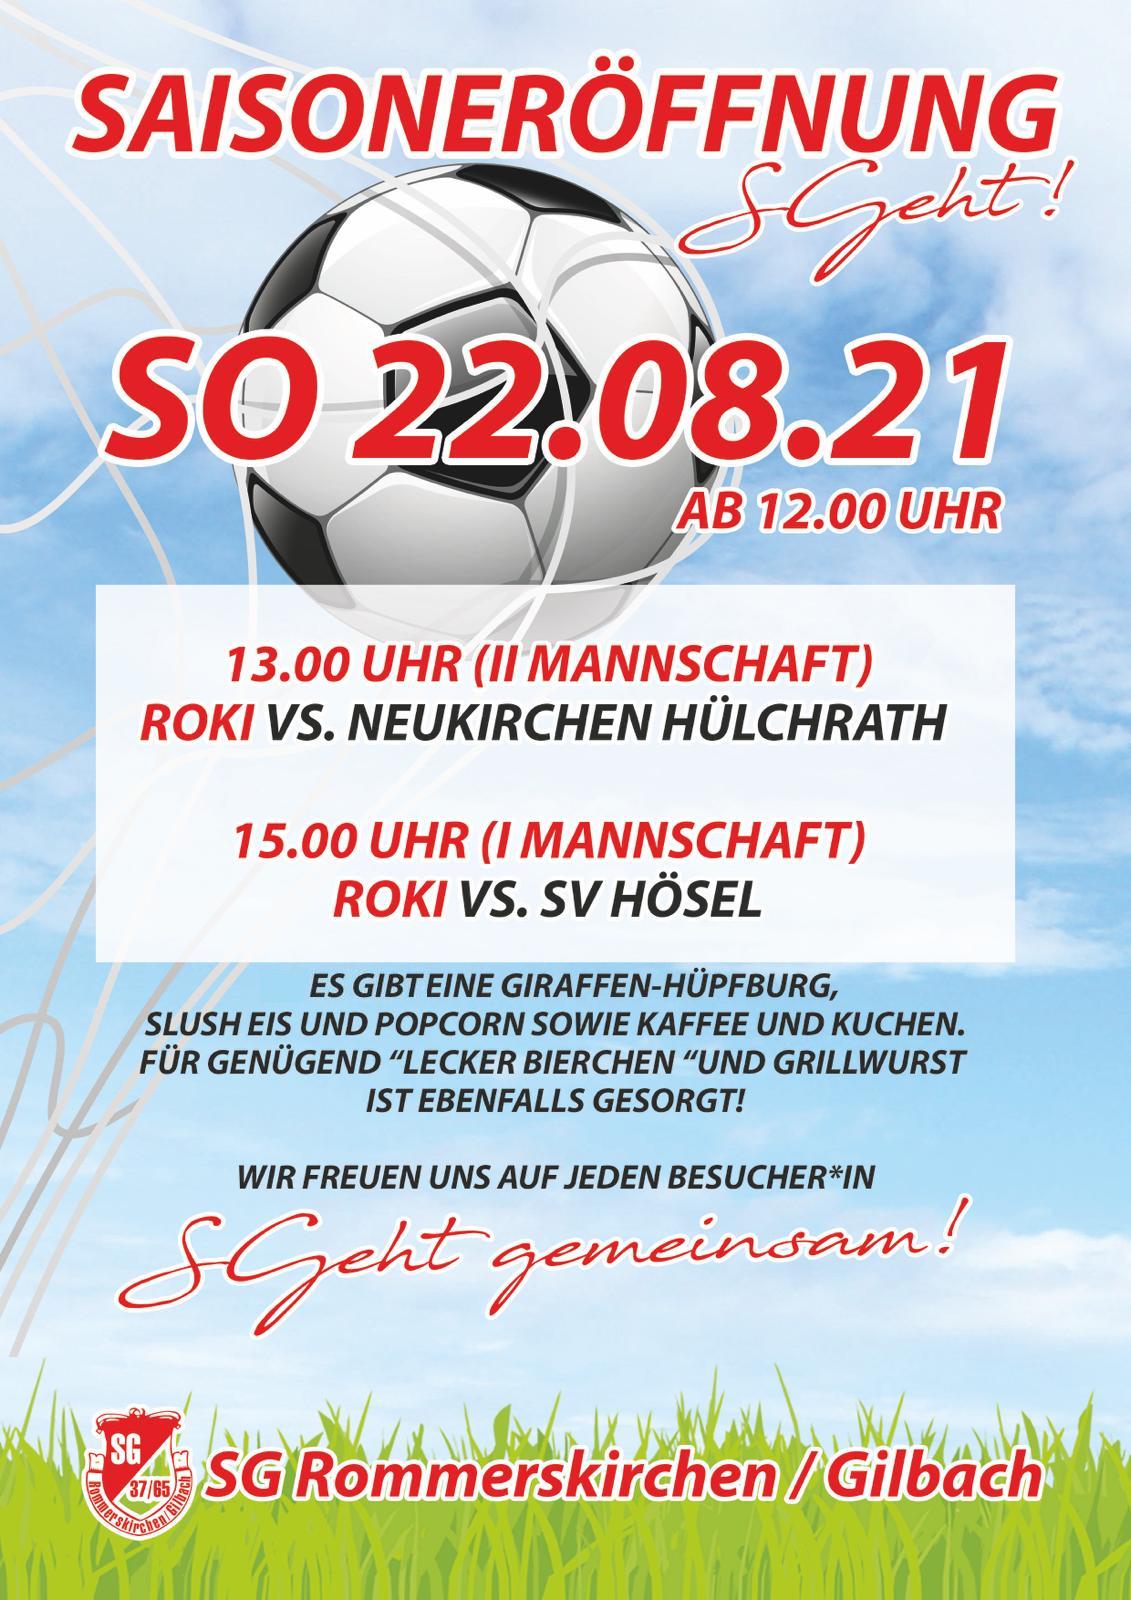 http://rommerskirchen-gilbach.de/wp-content/uploads/2021/08/saisoneroeffnung2021.jpg